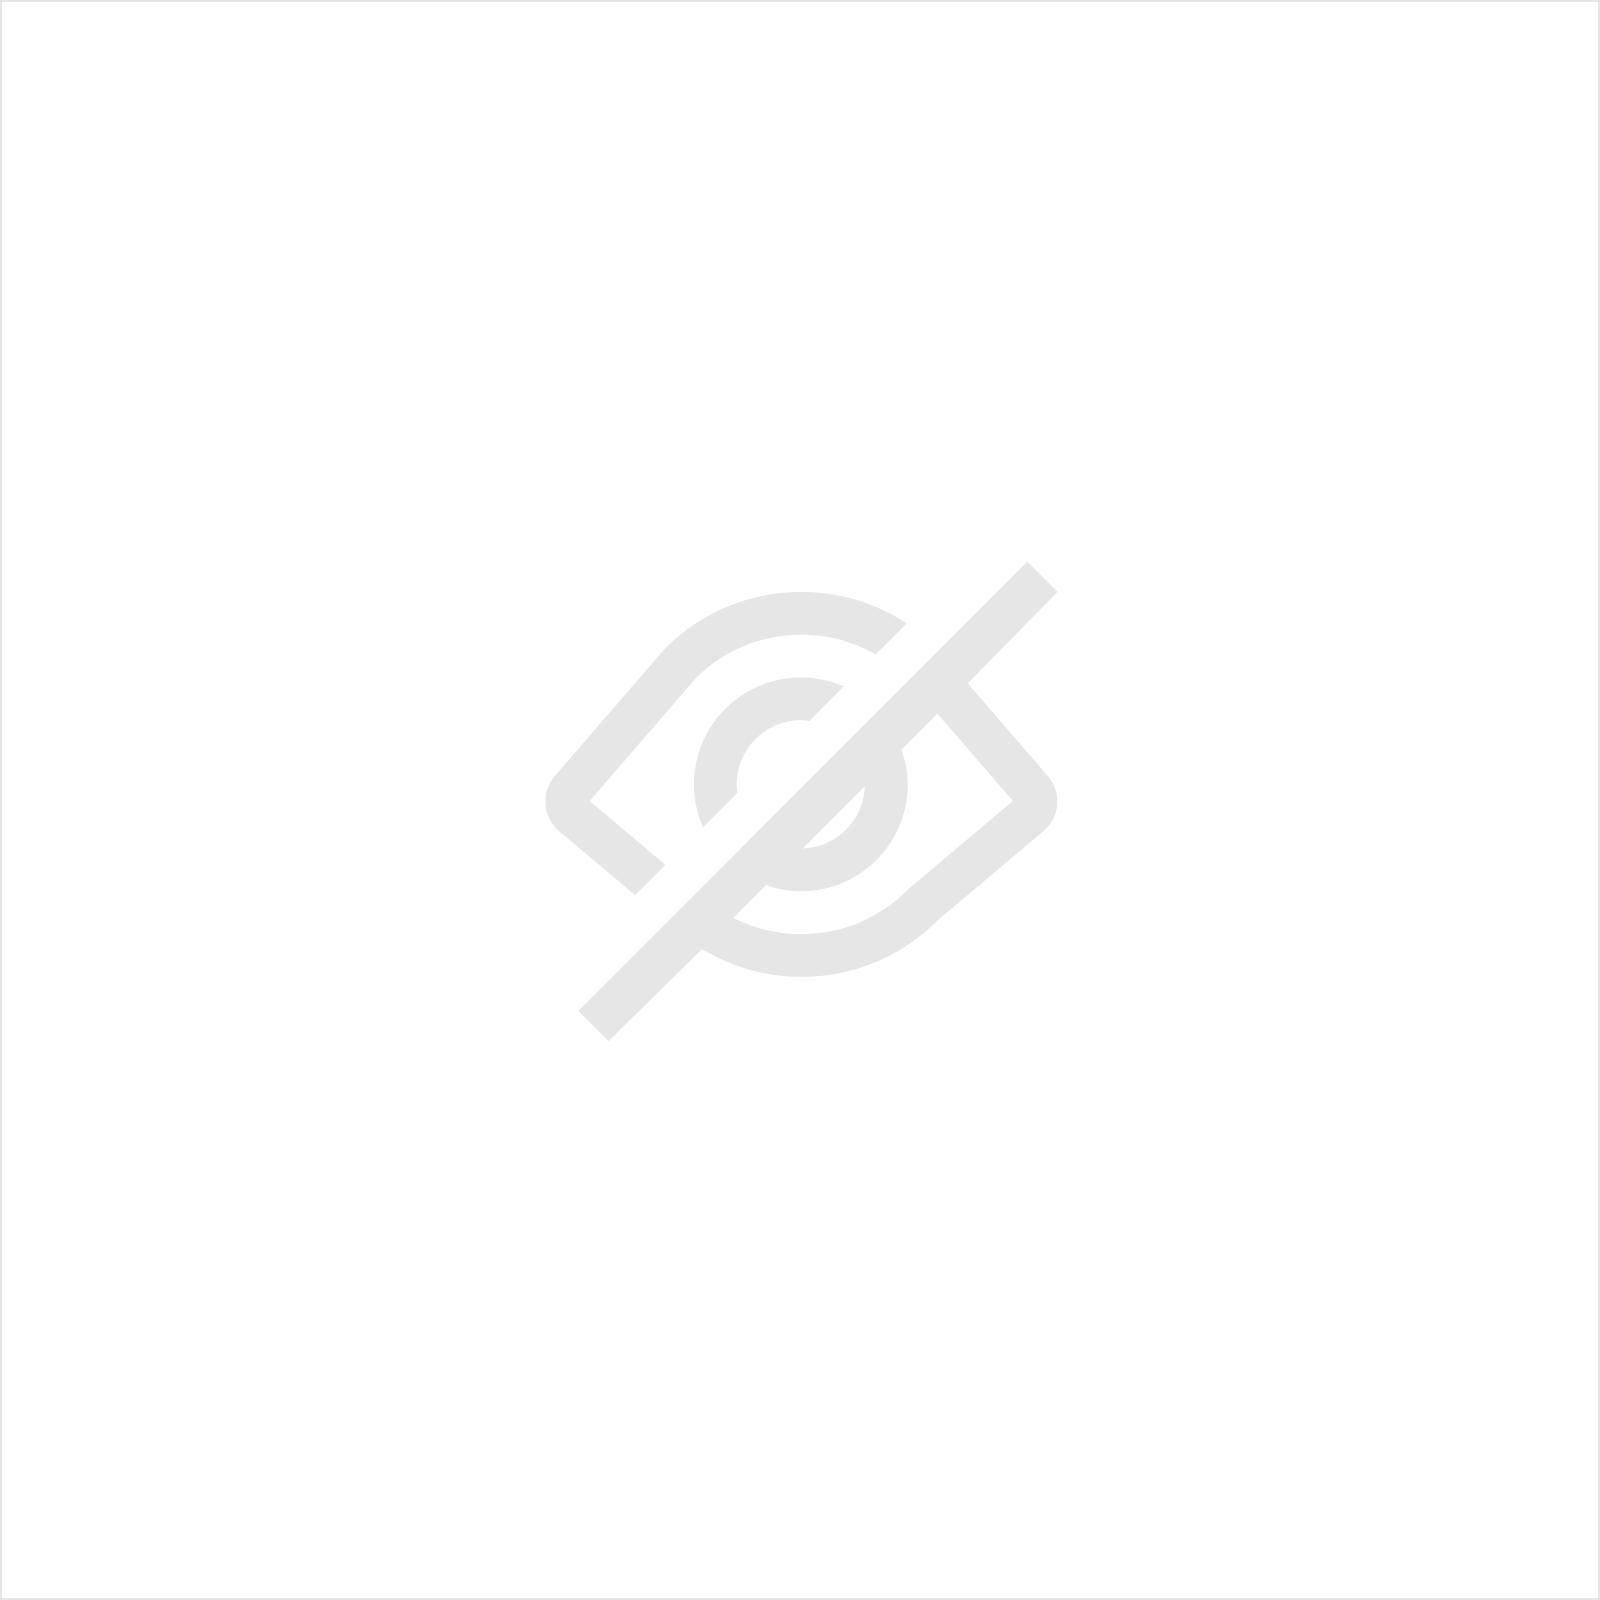 MOLETTES OPTIONELLE POUR BORDEUSE MOULUREUSE 21 MM